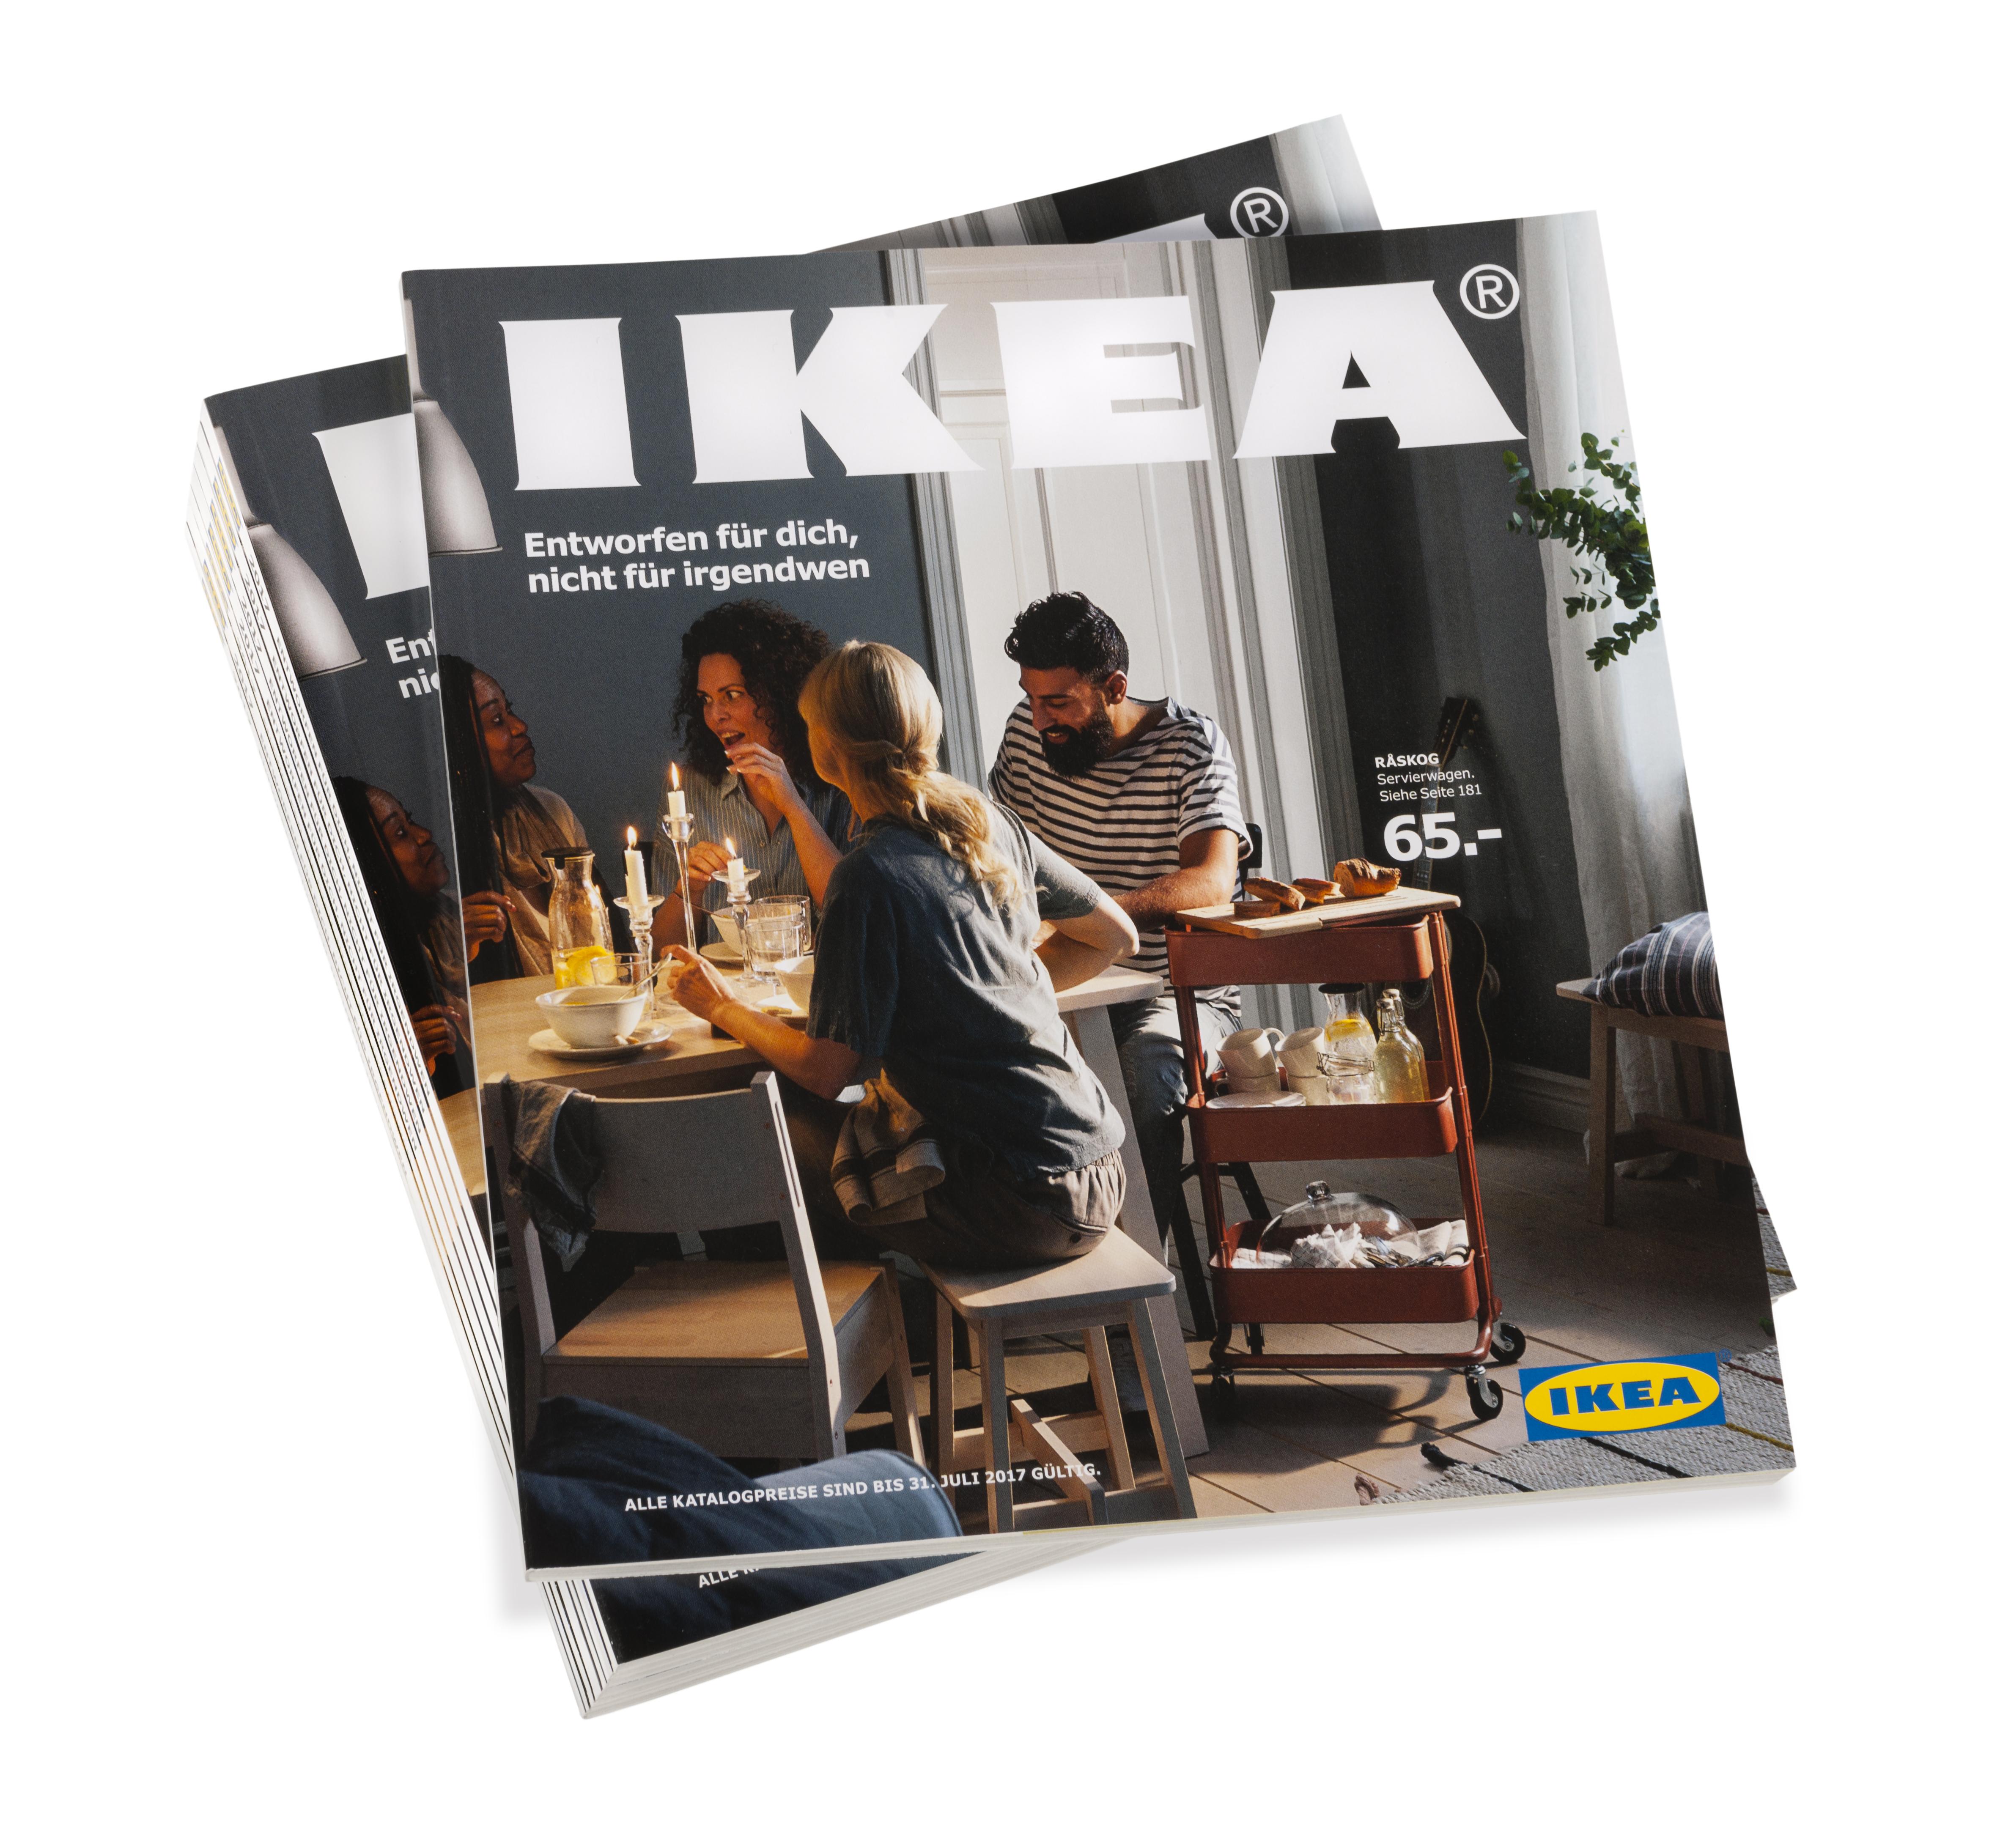 entworfen f r dich nicht f r irgendwen der ikea katalog 2017 feiert die presseportal. Black Bedroom Furniture Sets. Home Design Ideas